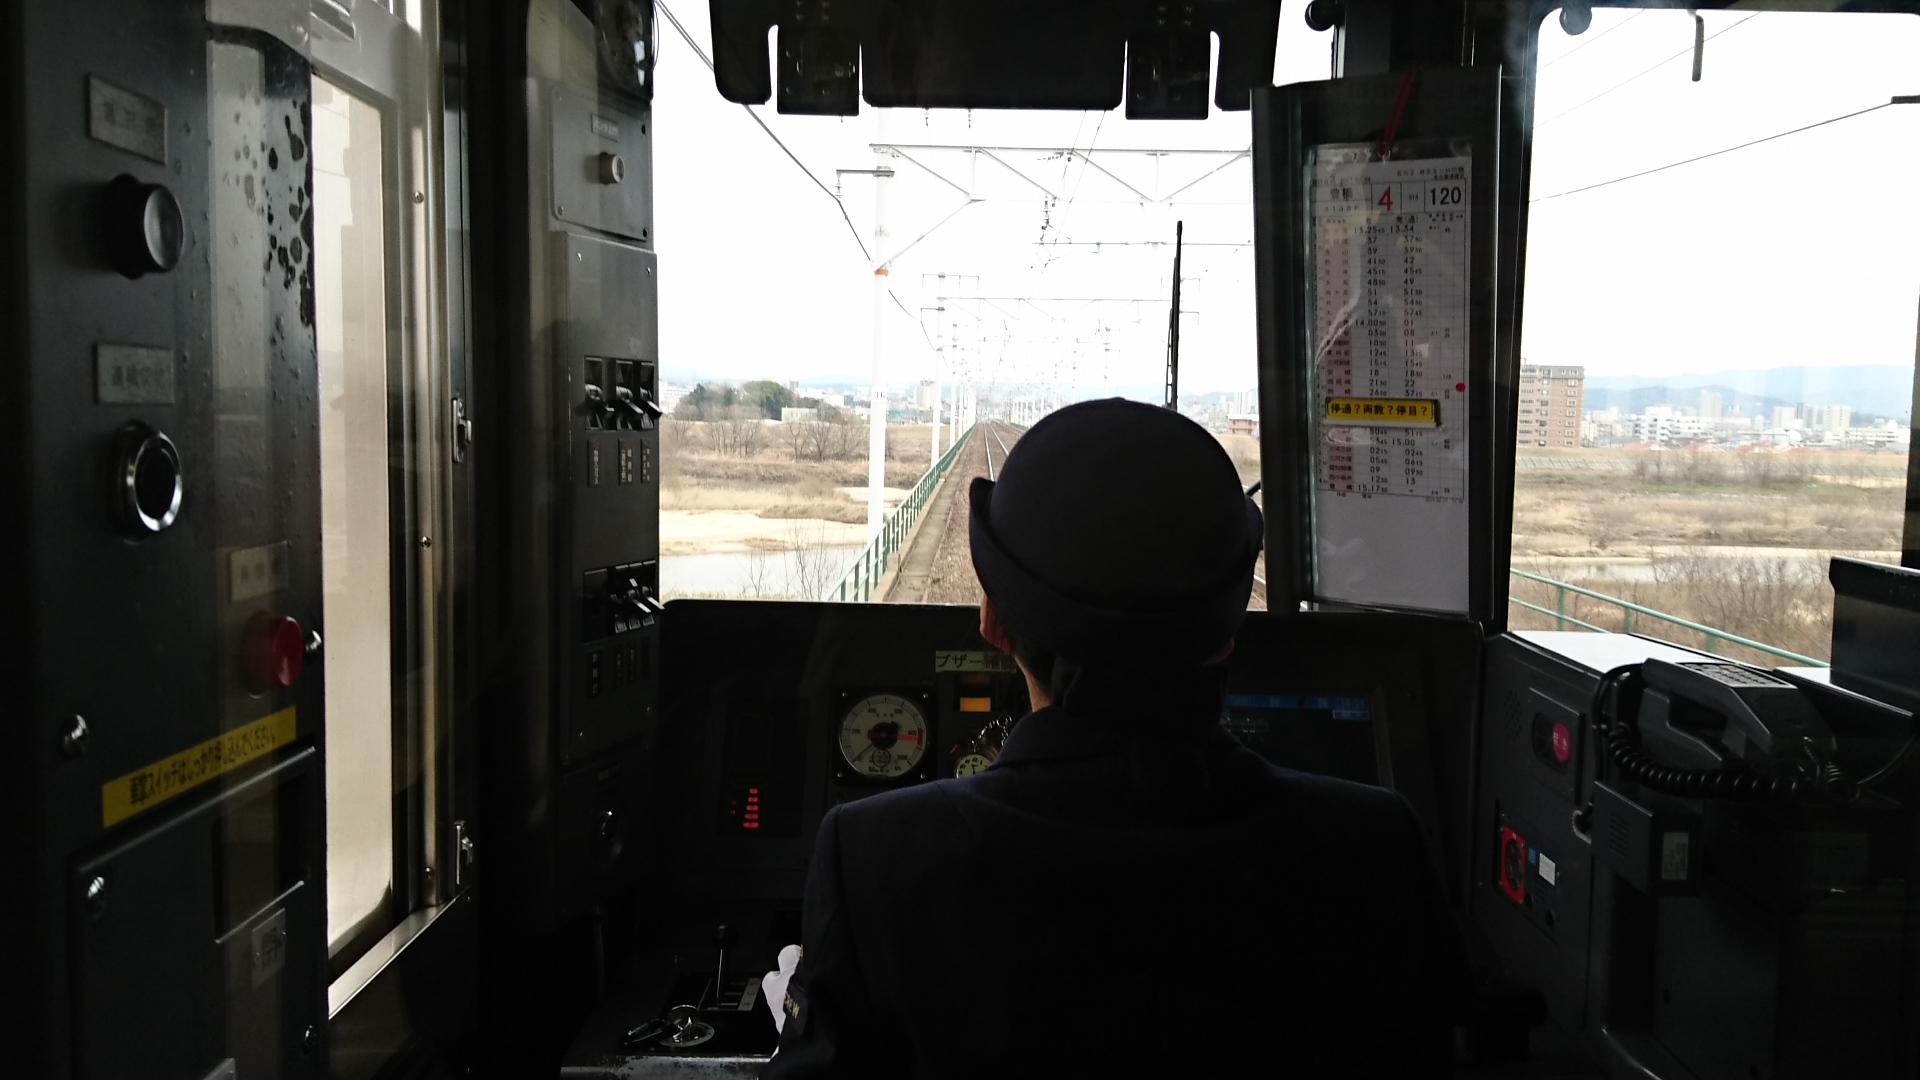 2017.3.5 東海道線 (20) 豊橋いきふつう - 矢作川をわたる 1920-1080